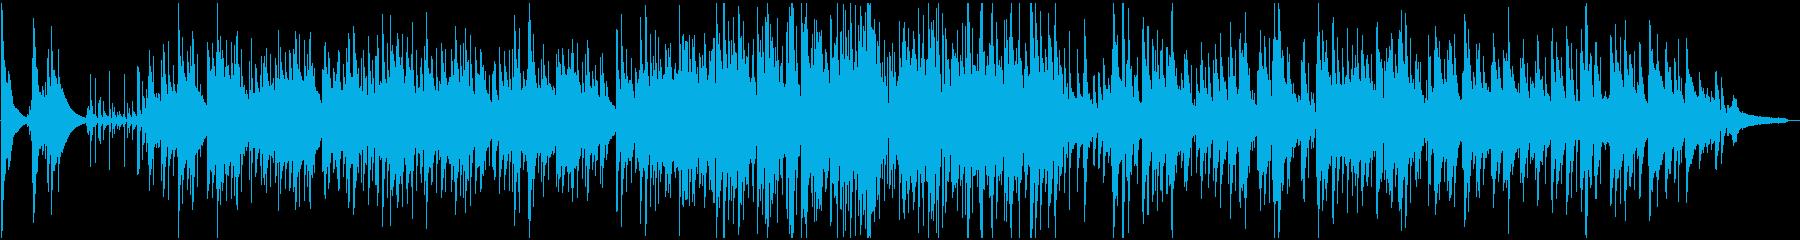 名曲『ゴンドラの唄』のトリオバージョンの再生済みの波形